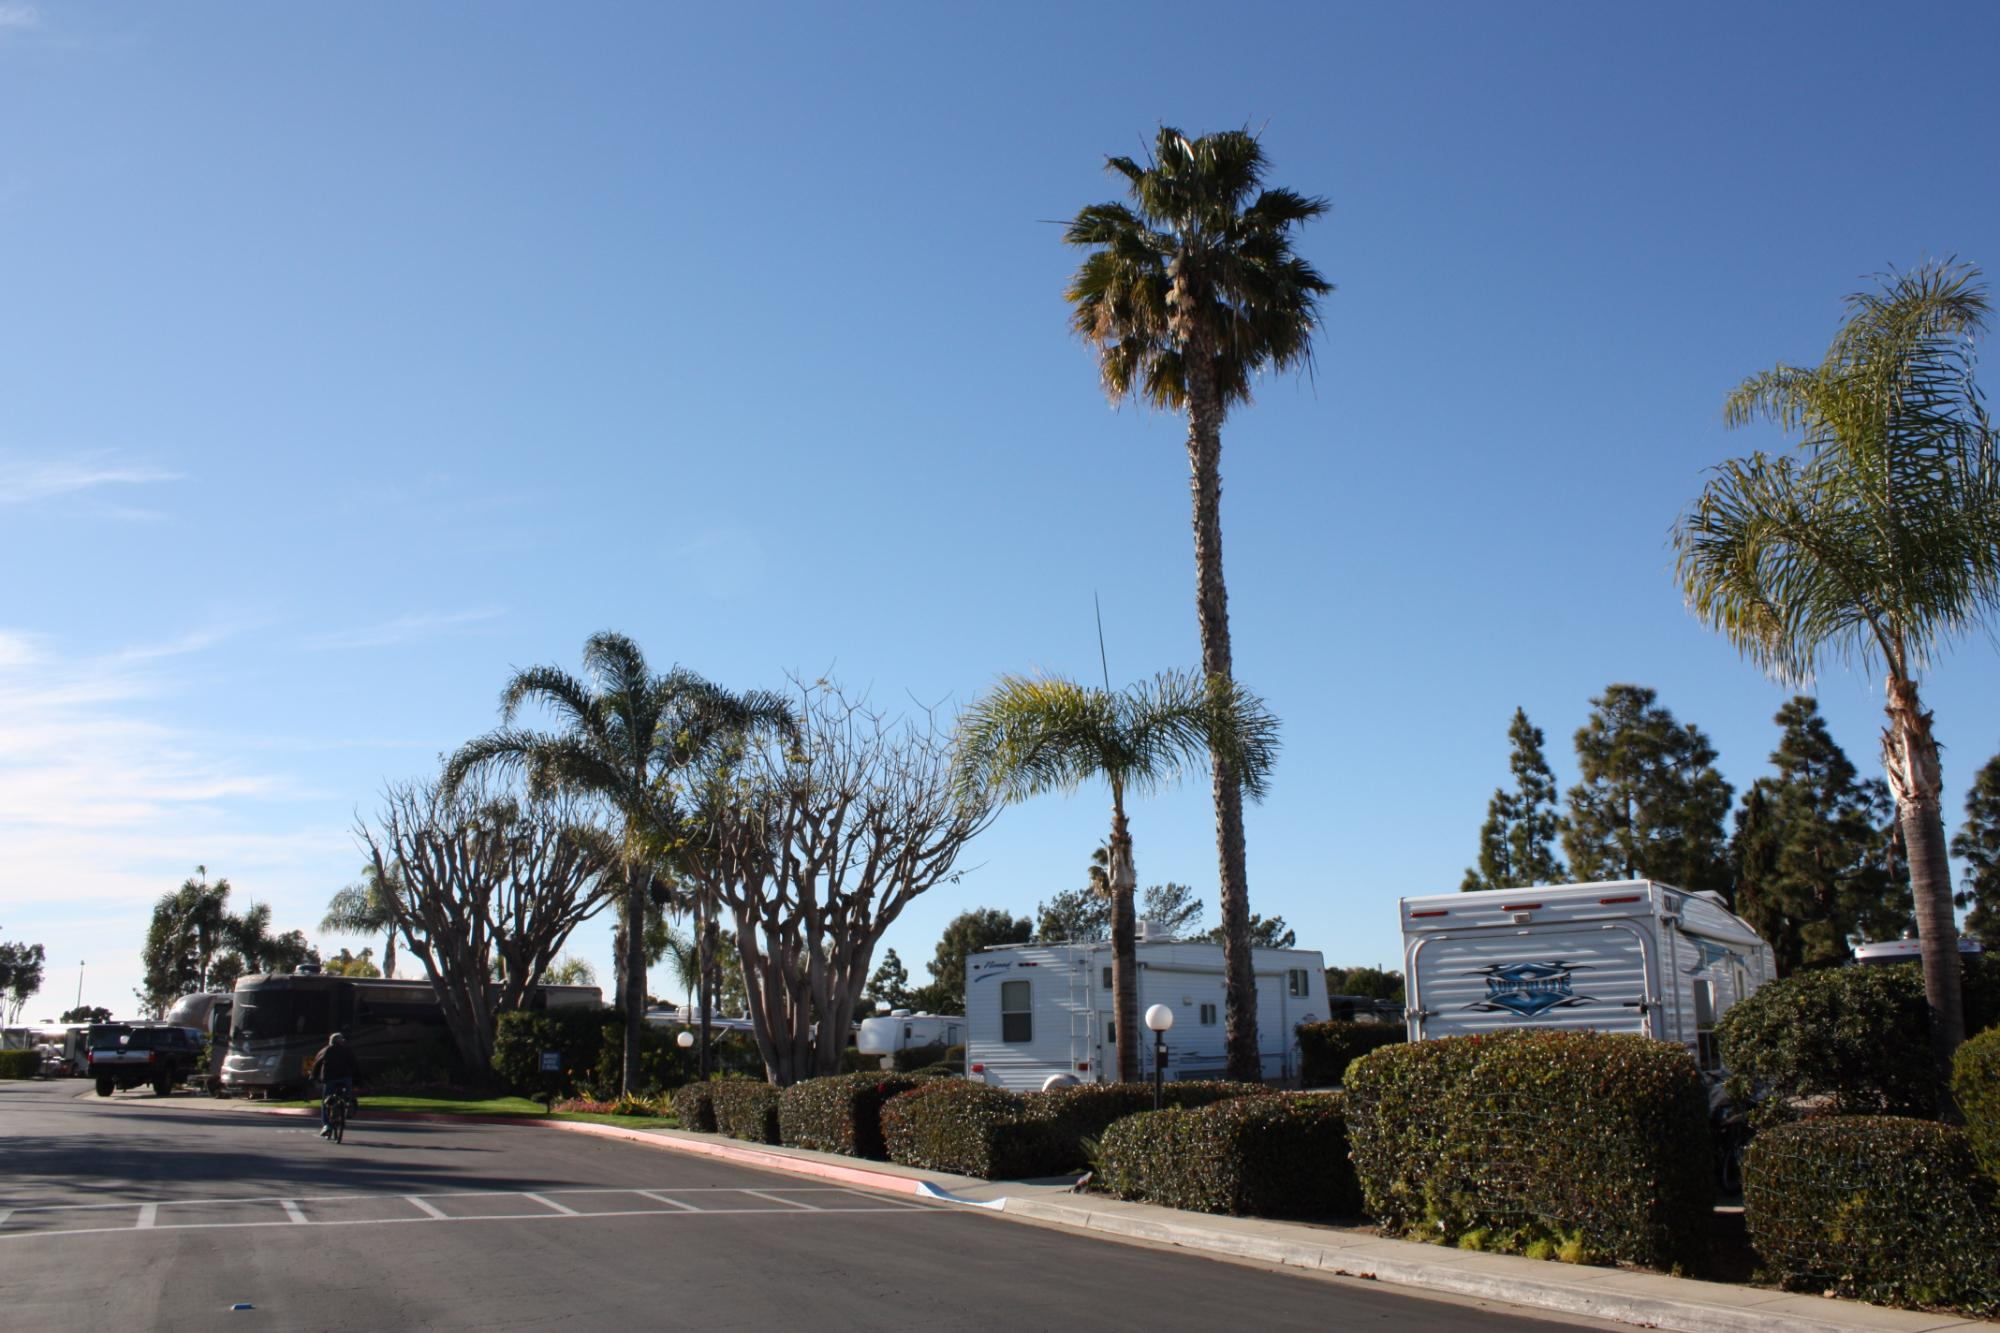 Chula Vista RV Resort Near San Diego Closing In February 2019